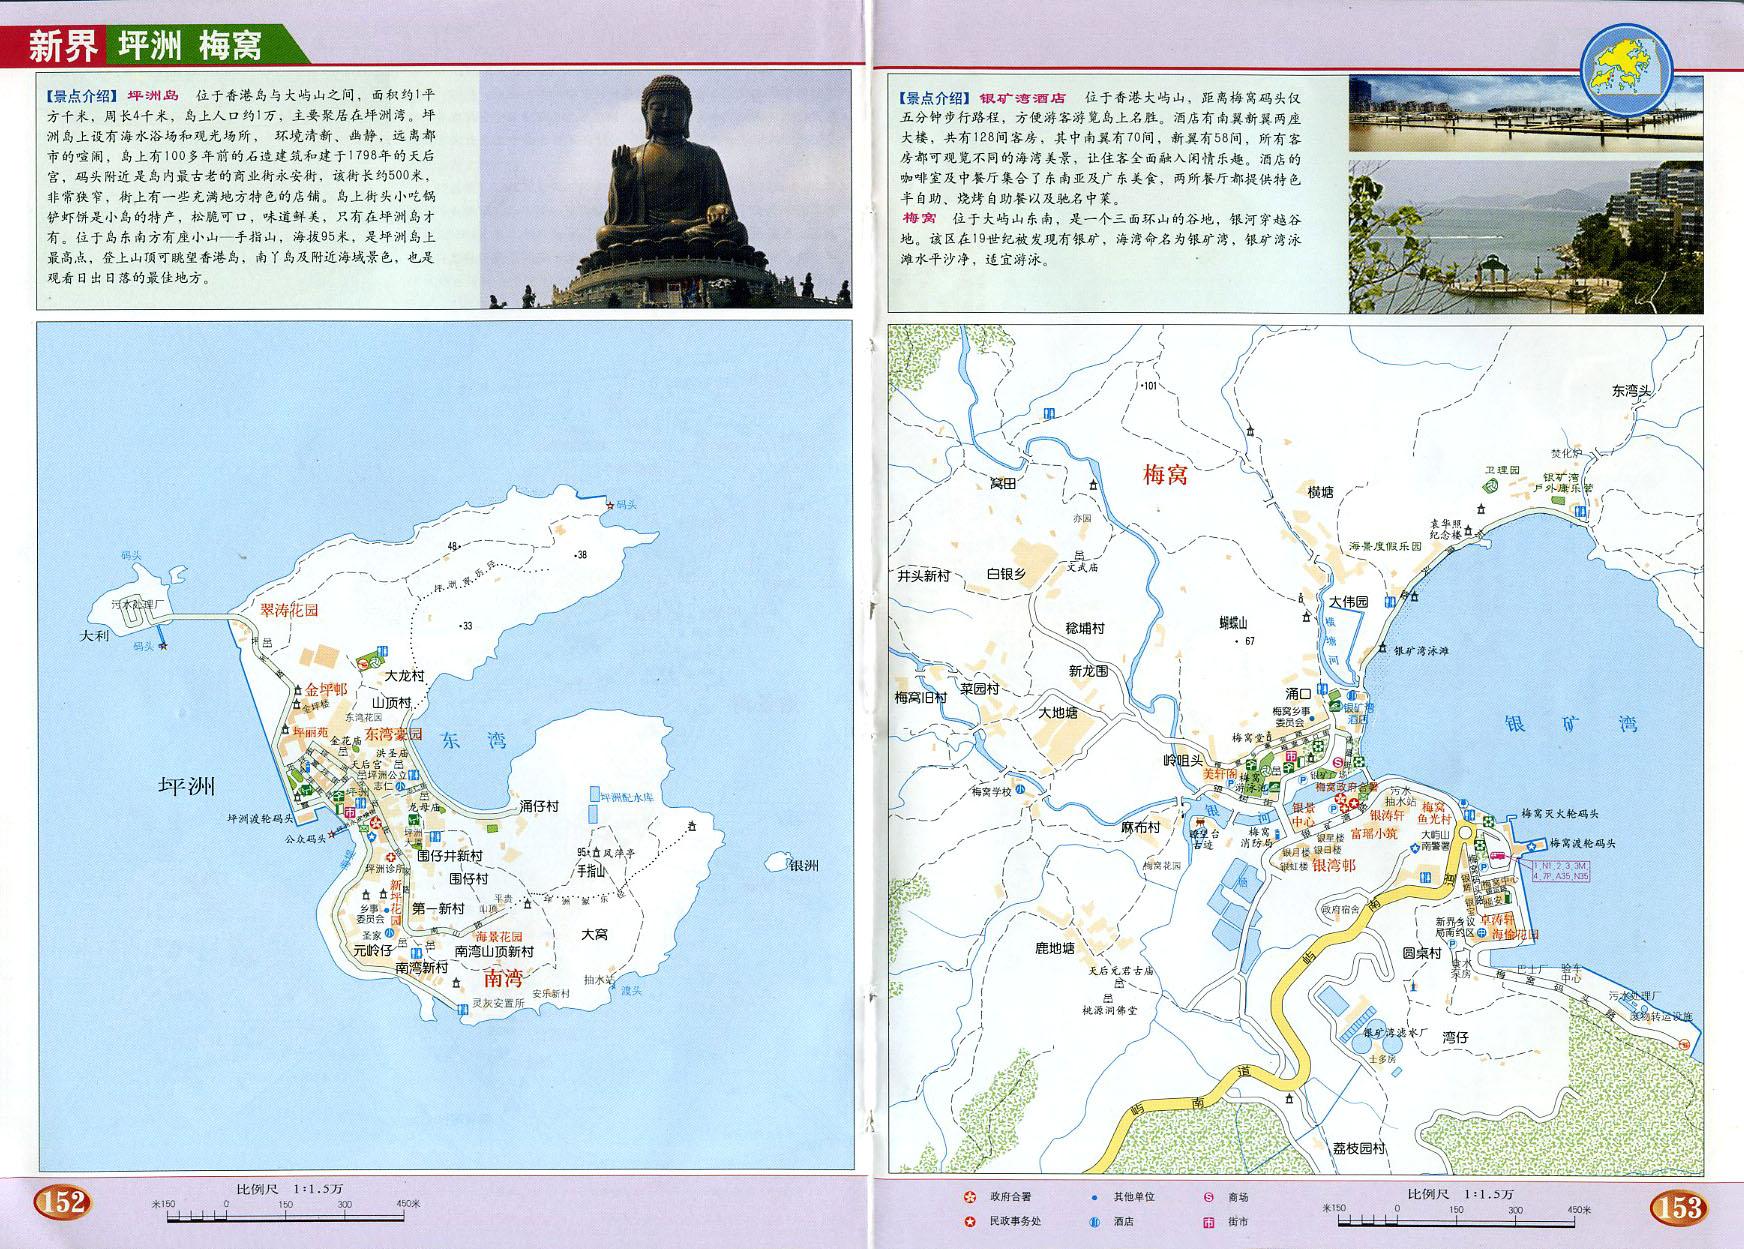 新界 坪洲地图高清版_香港地图库